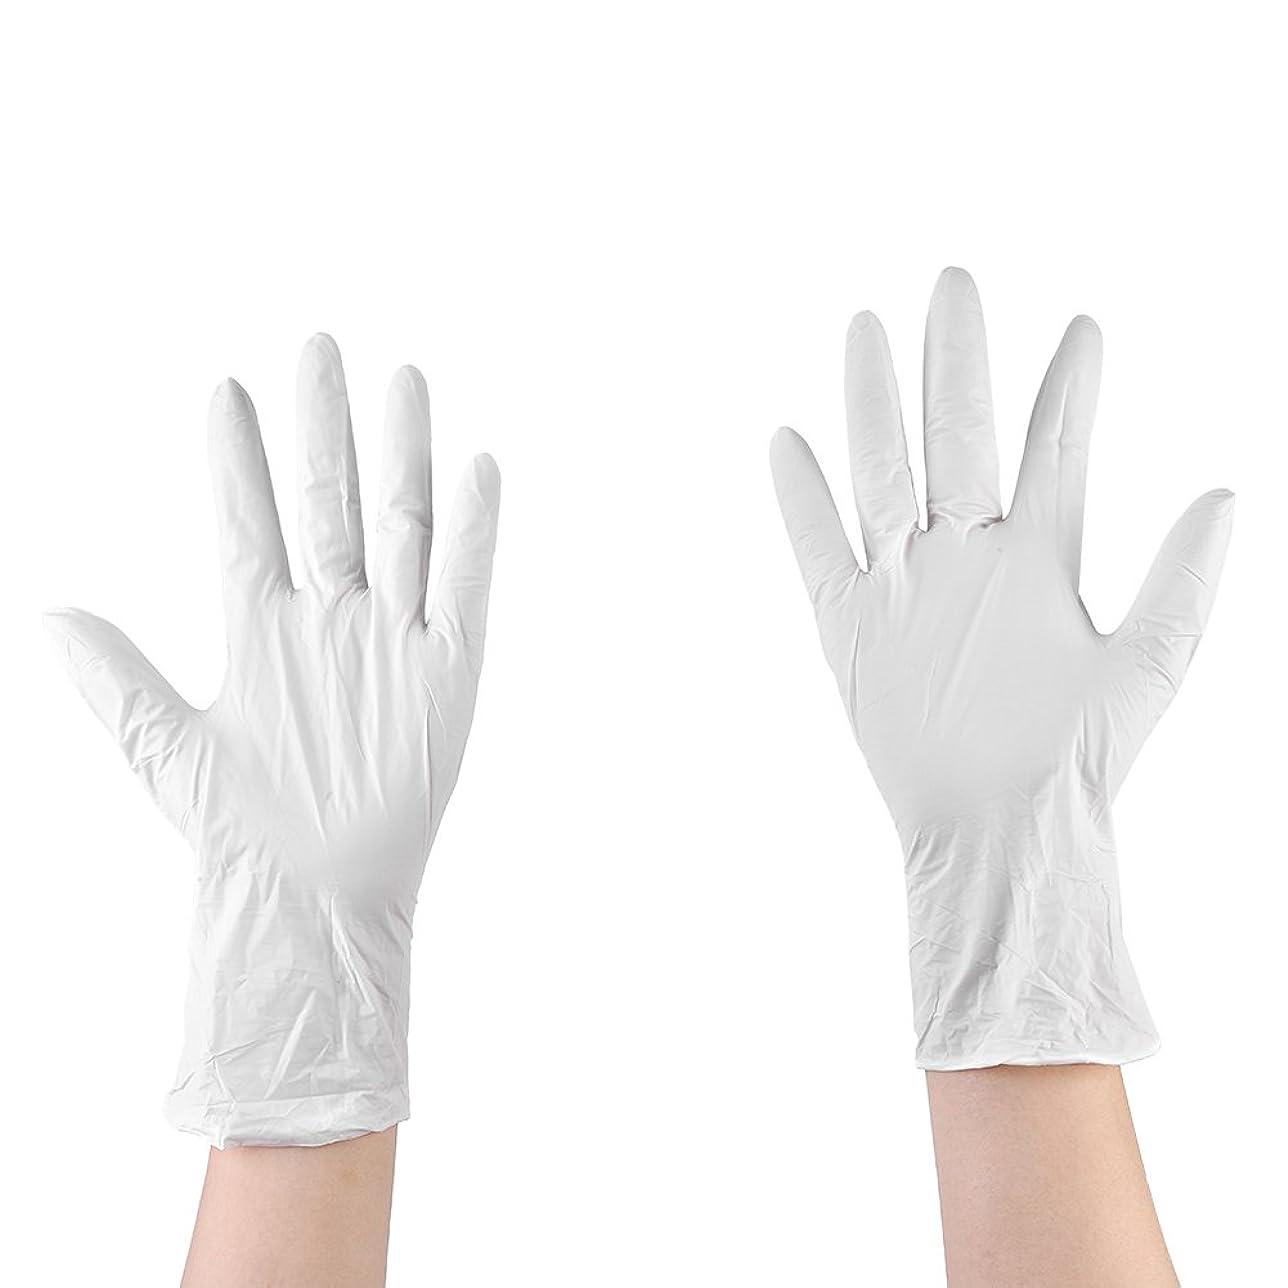 競う散文一時停止使い捨て手袋 ニトリルグローブ ホワイト 粉なし タトゥー/歯科/病院/研究室に適応 M/L選択可 50枚 左右兼用 作業手袋(M)